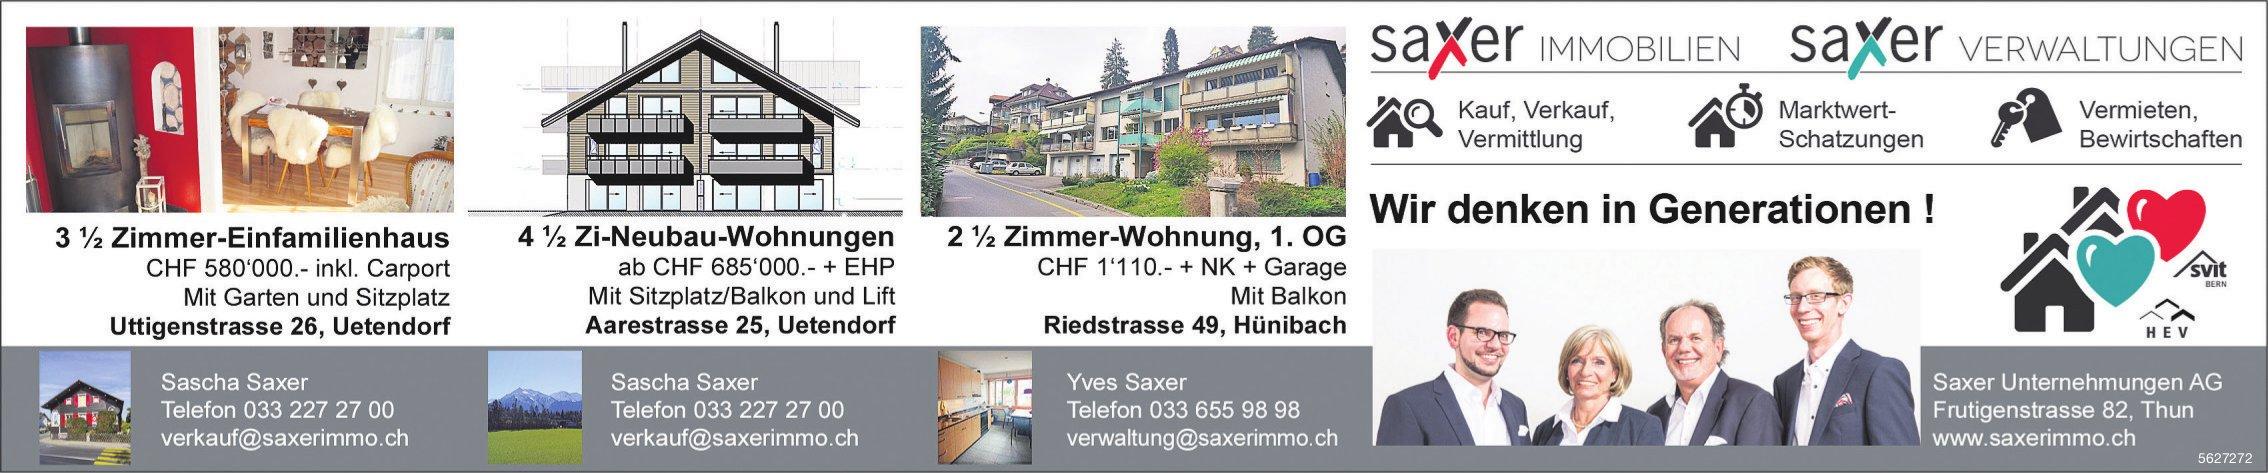 Saxer Unternehmungen AG - Immobilie zu vermieten/ zu verkaufen